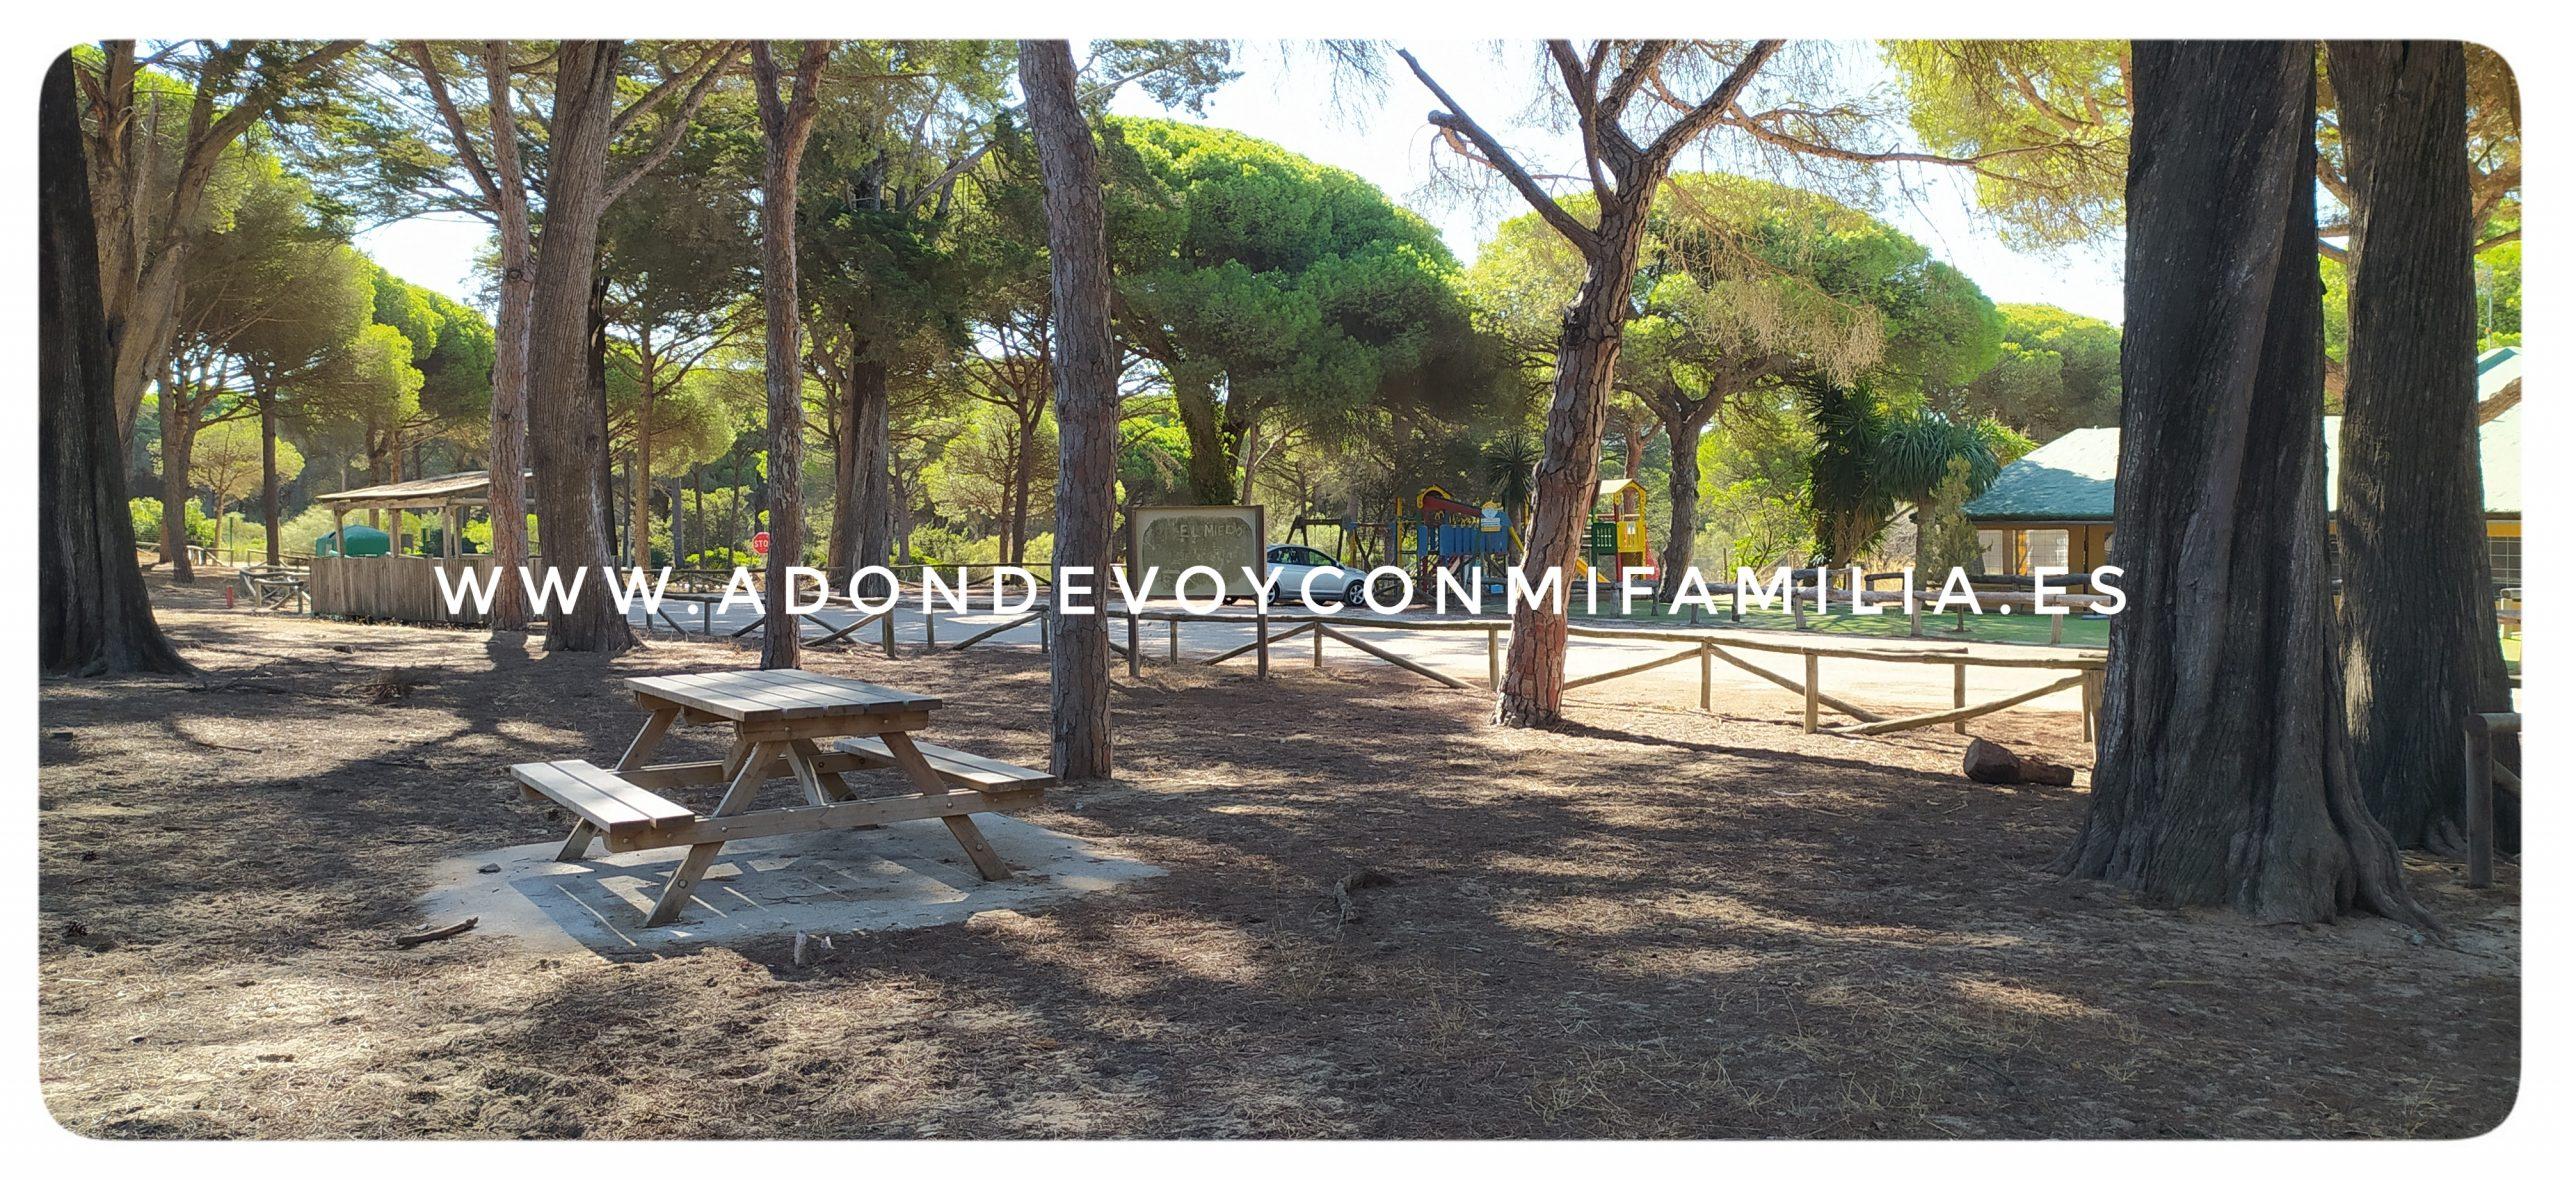 area recreativa majales del sol adondevoyconmifamilia (3)